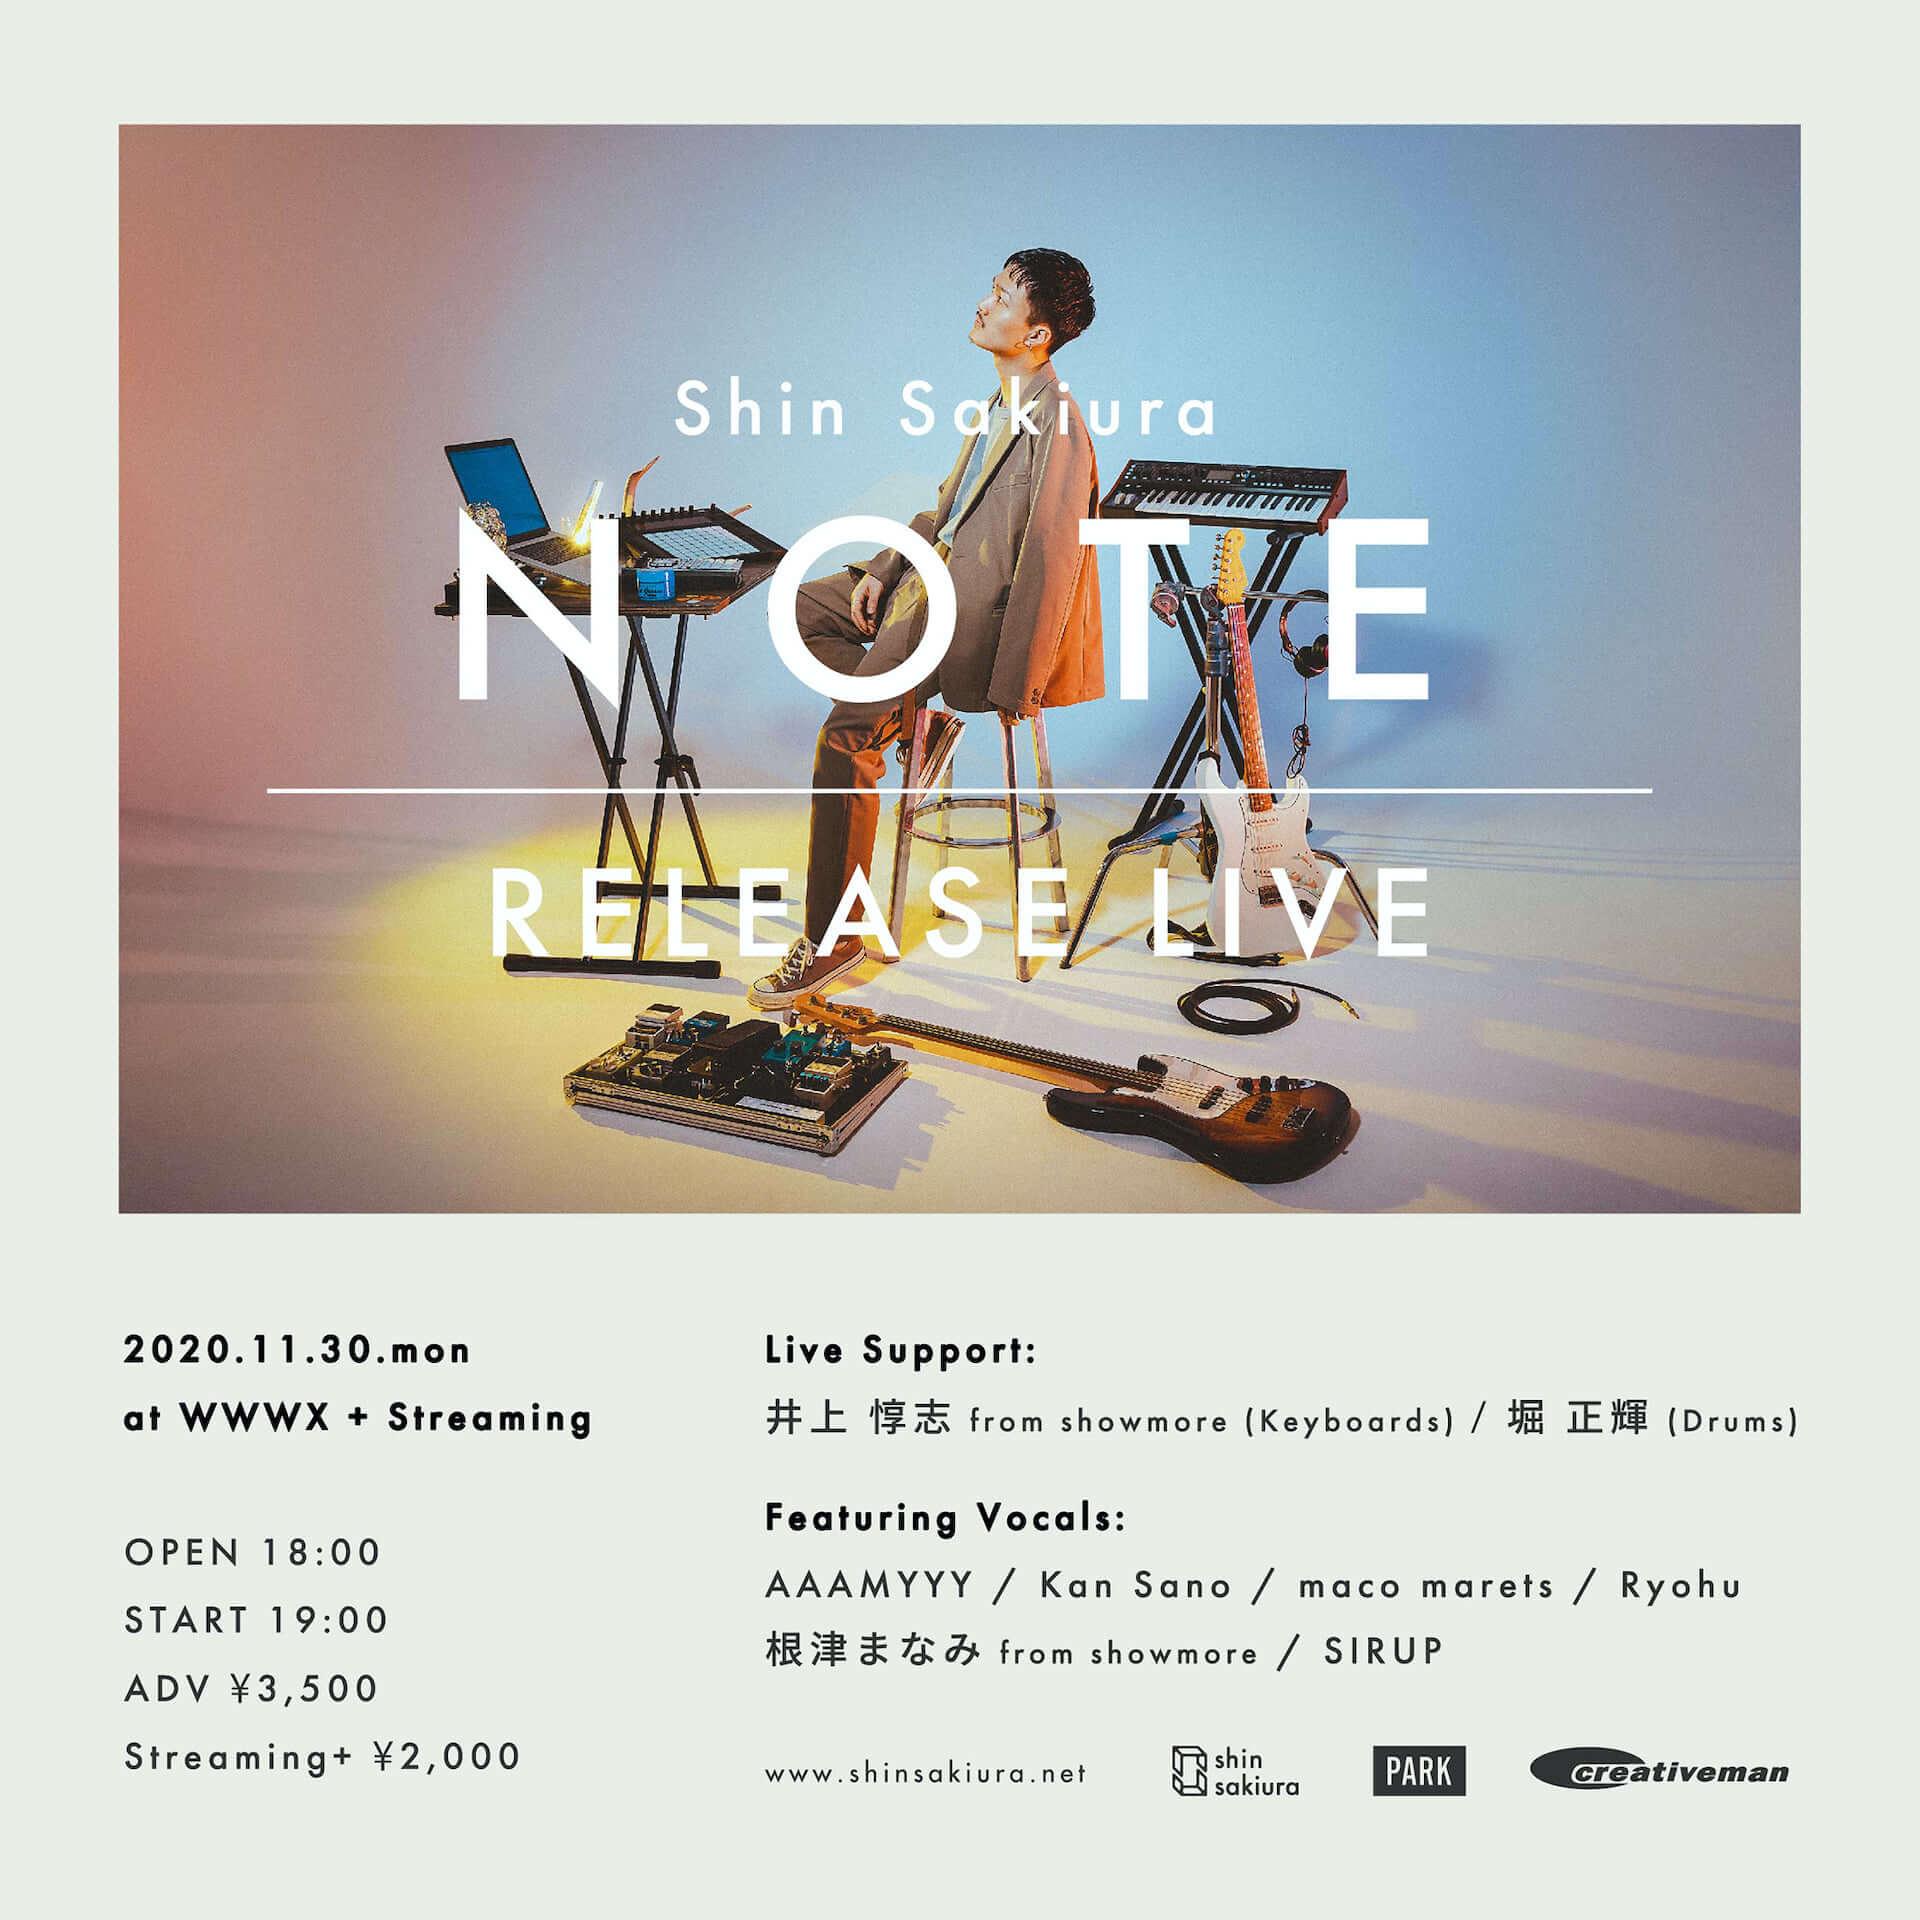 ストリートなイベント【東京】Shin Sakiura『NOTE』Release Live SIRUP、AAAMYYY、Ryohu、maco maretsらがワンマンライブに参加決定!